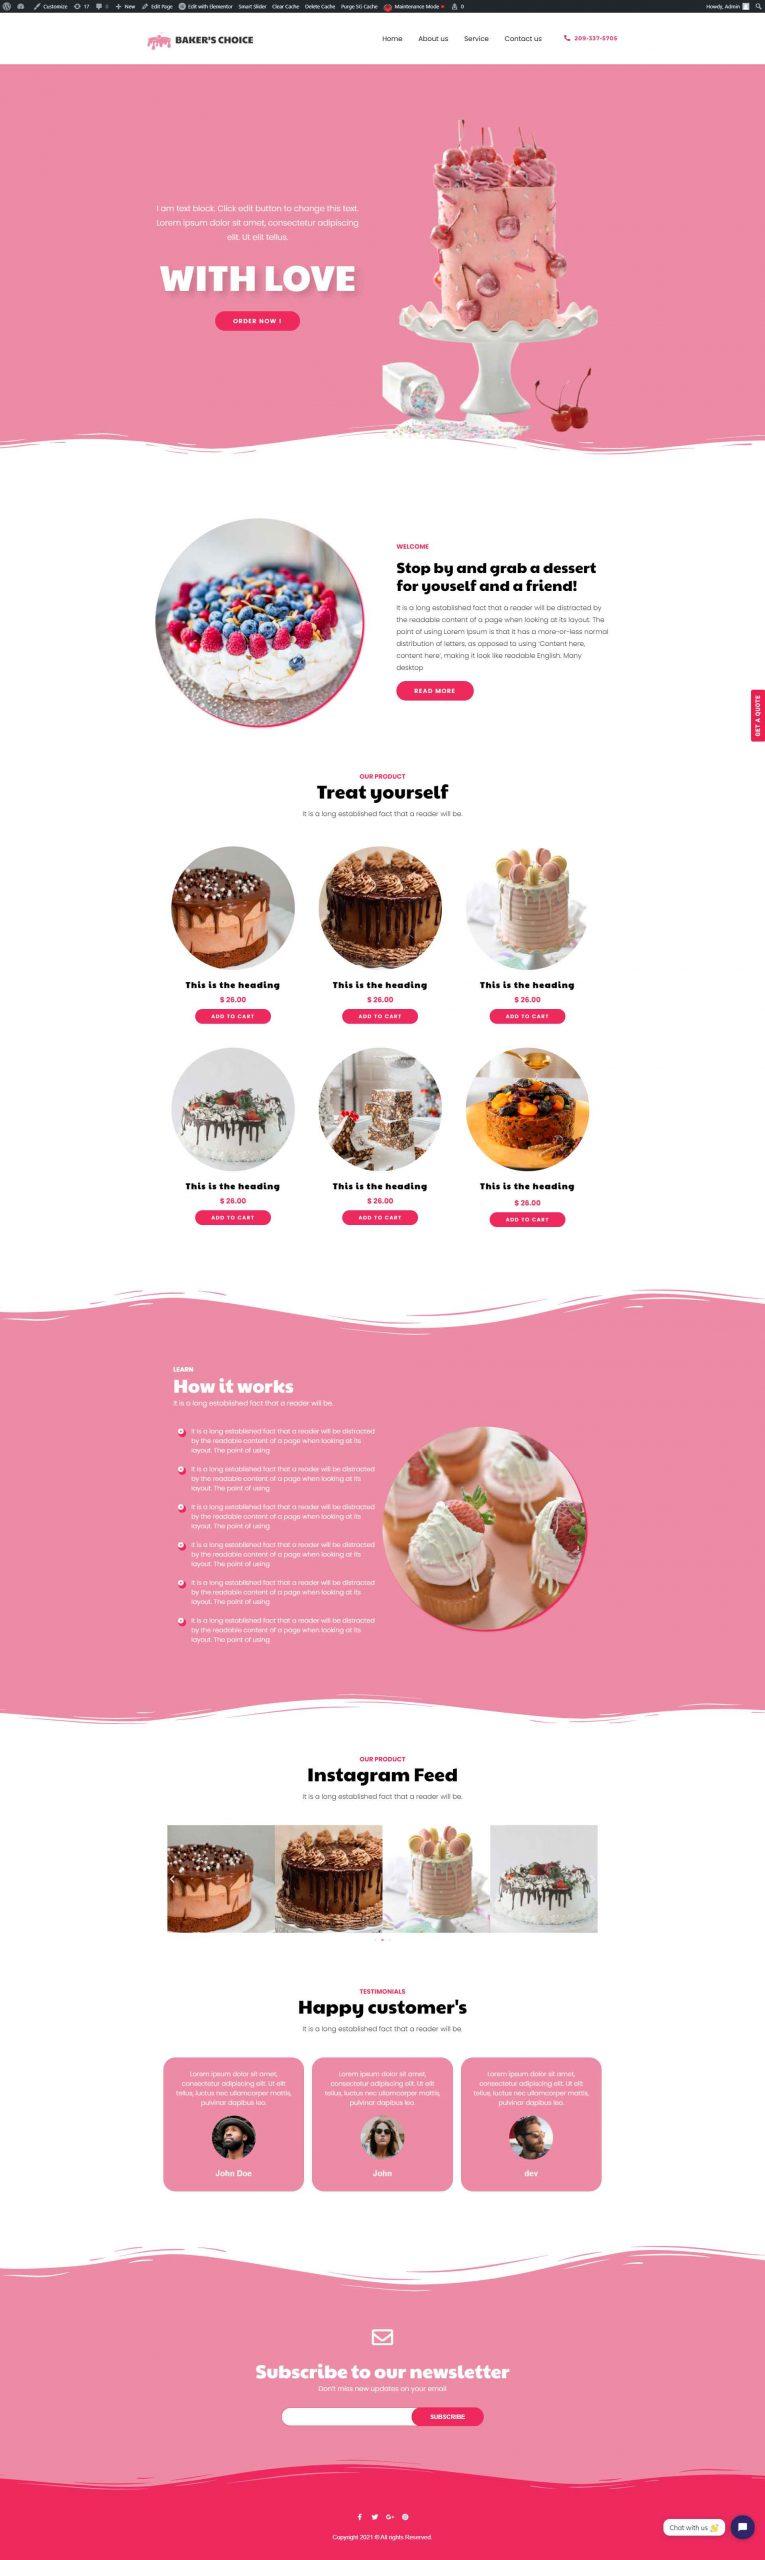 Baker choice cake